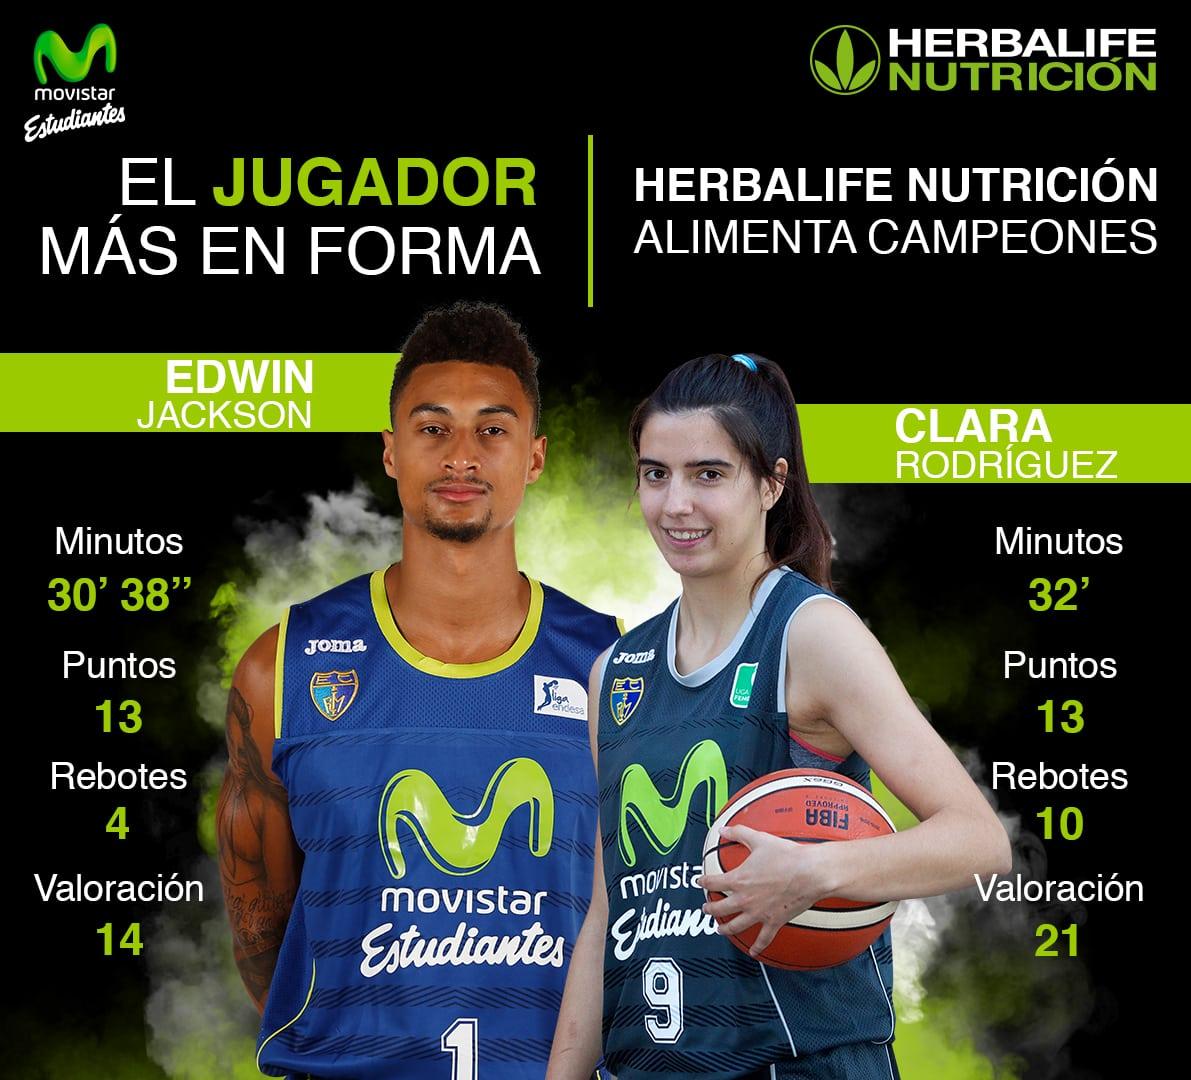 Herbalife presenta a los jugadores más en forma de la jornada: Edwin Jackson y Clara Rodríguez